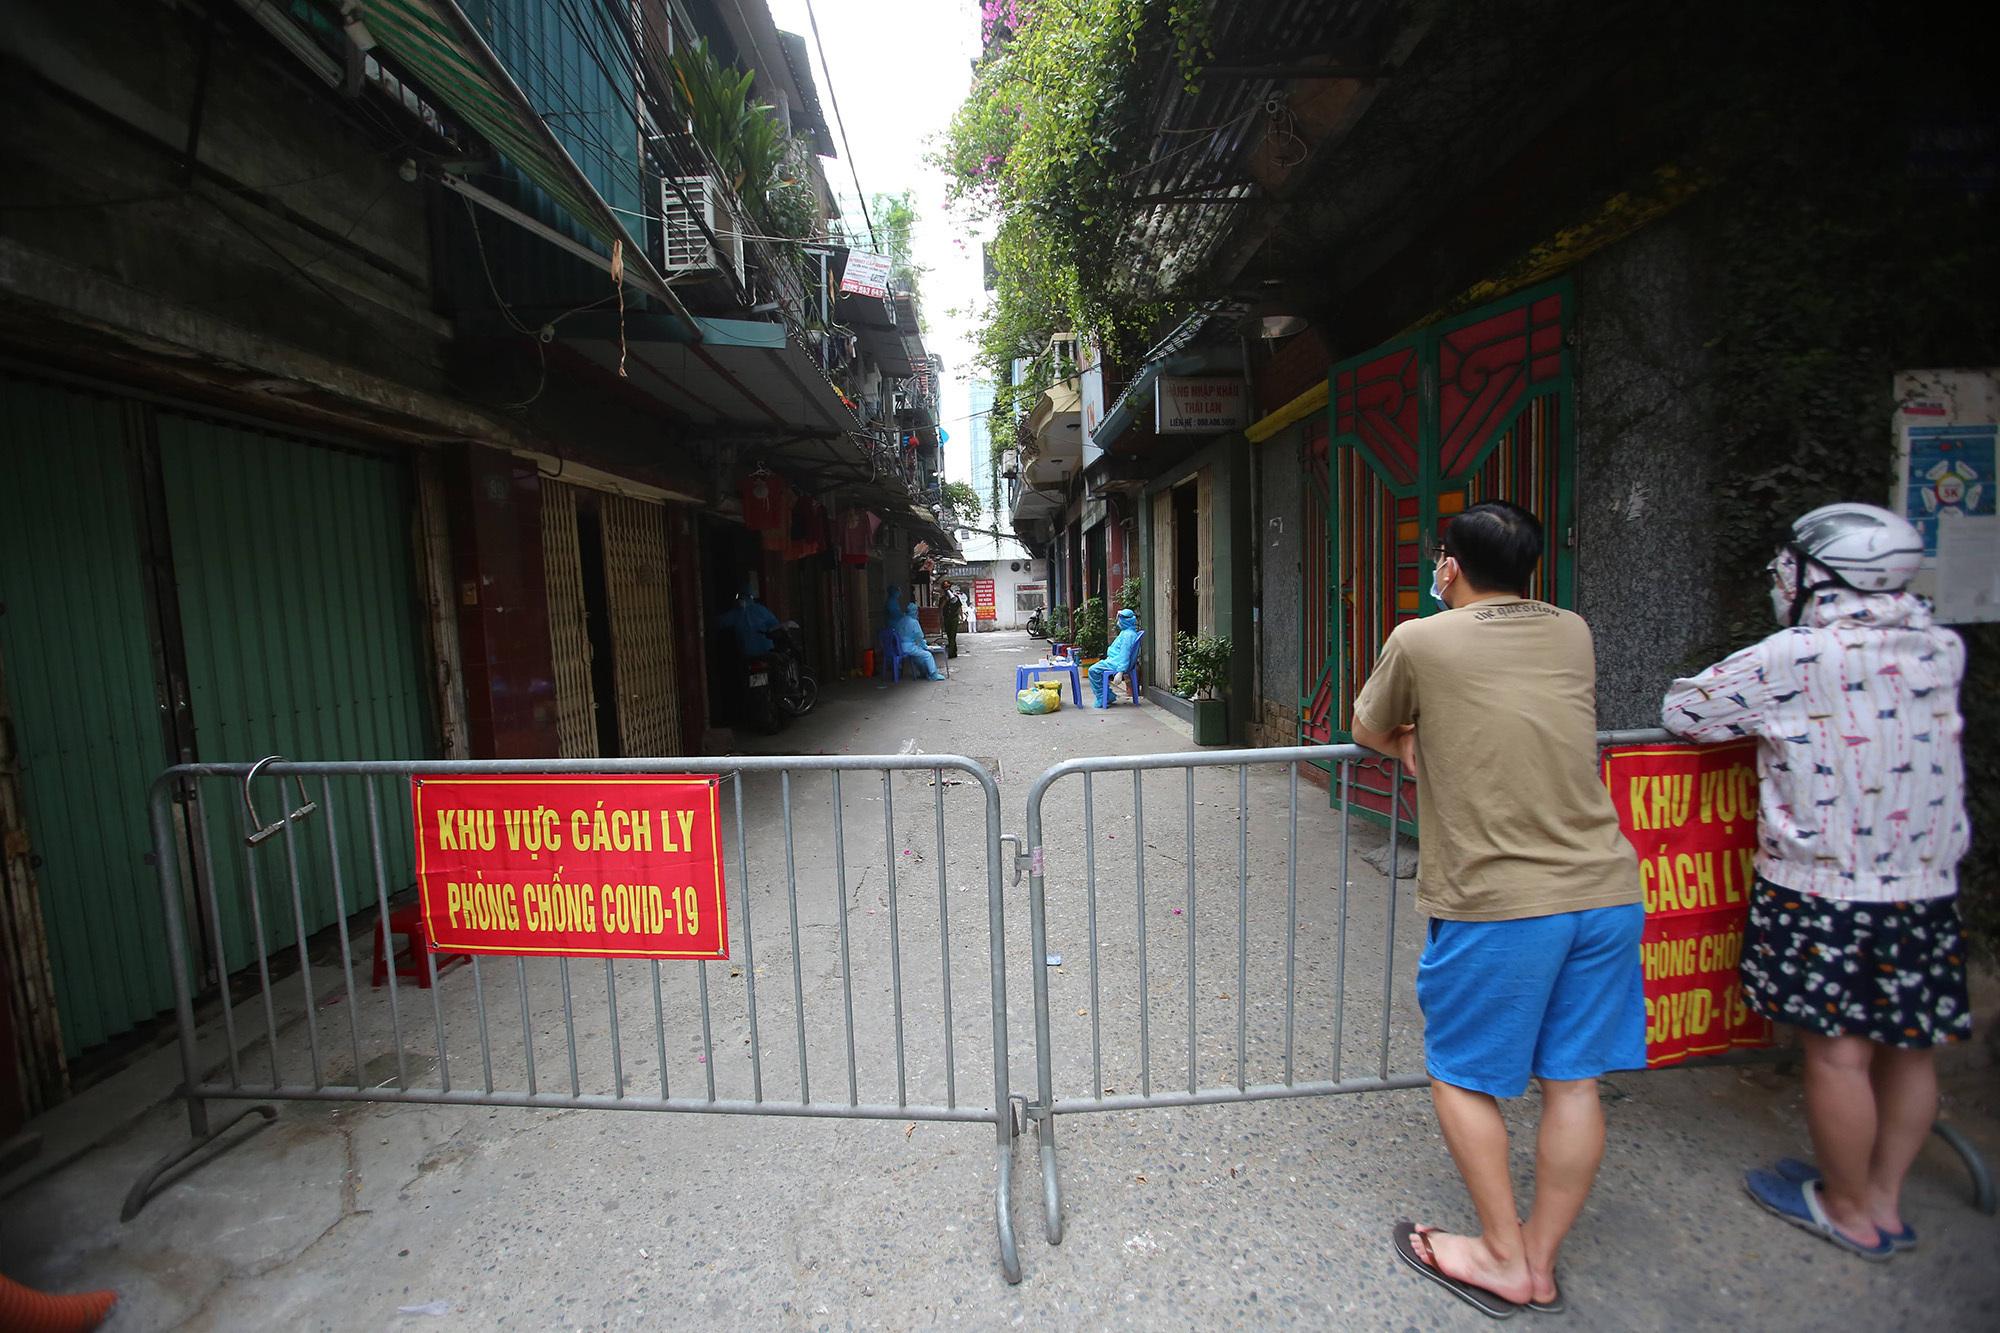 CDC Hà Nội: 'Nhiều người ho, sốt không chủ động khai báo y tế'